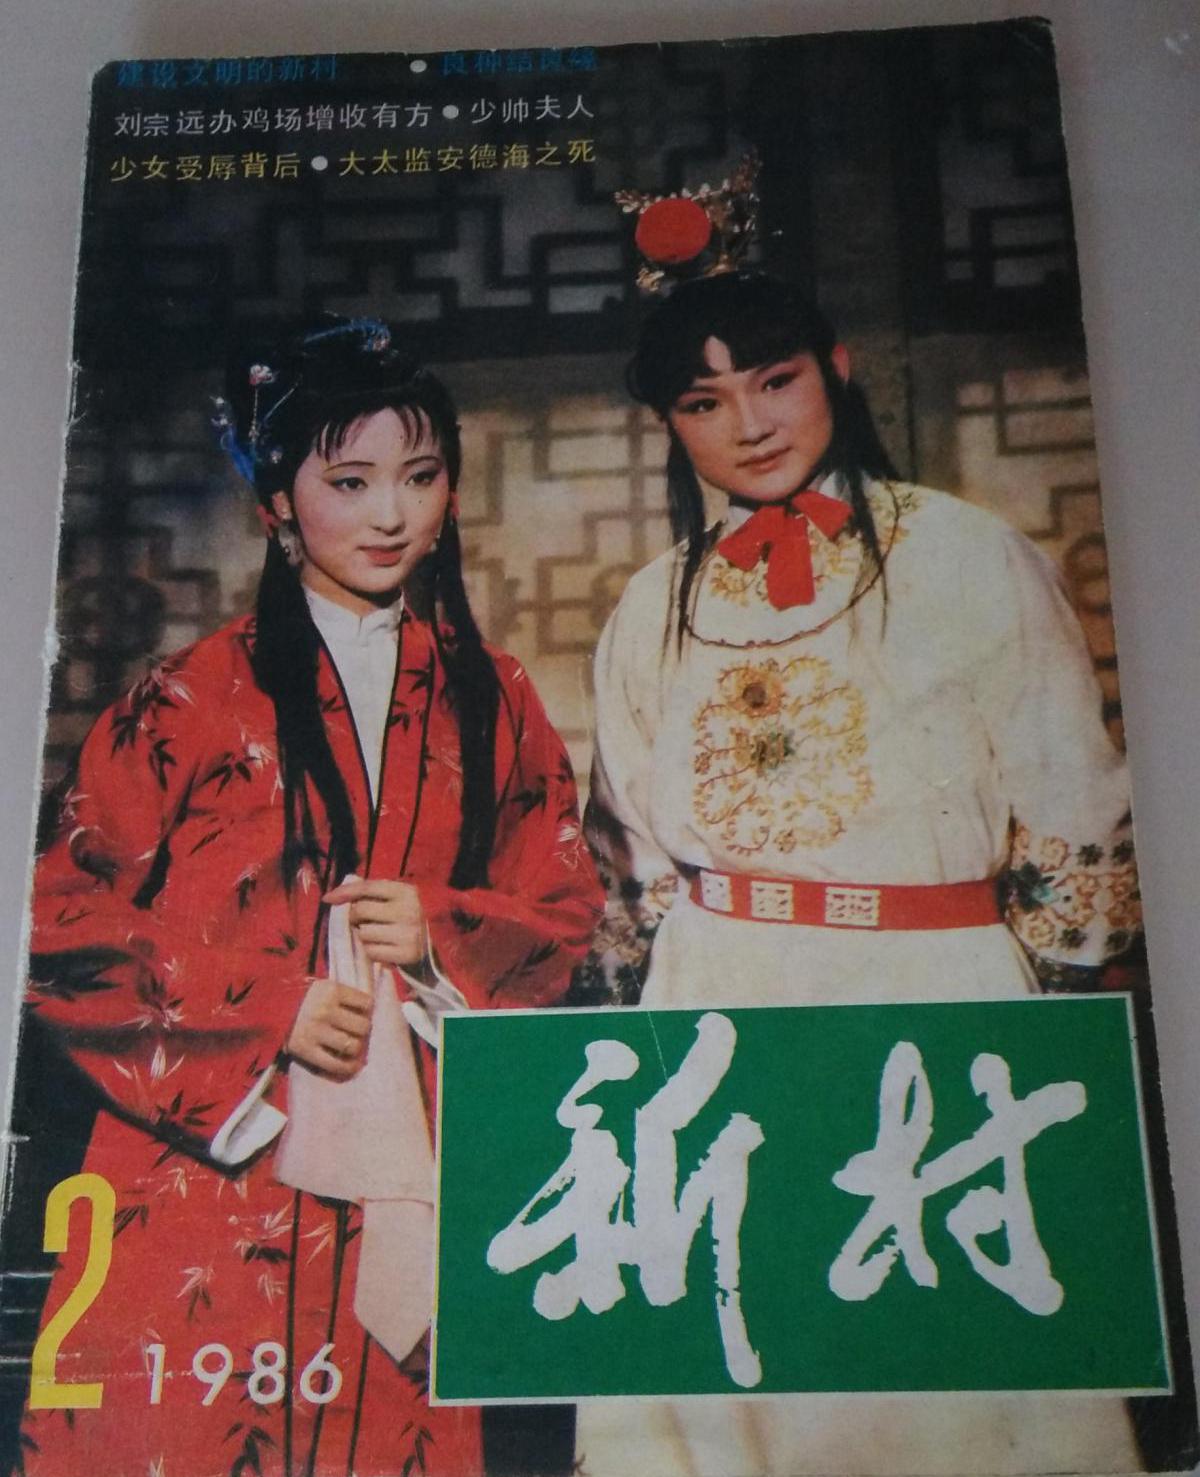 陈数上过春晚_那些年陈晓旭上过的杂志封面,很多从未见过,惊艳了时光!